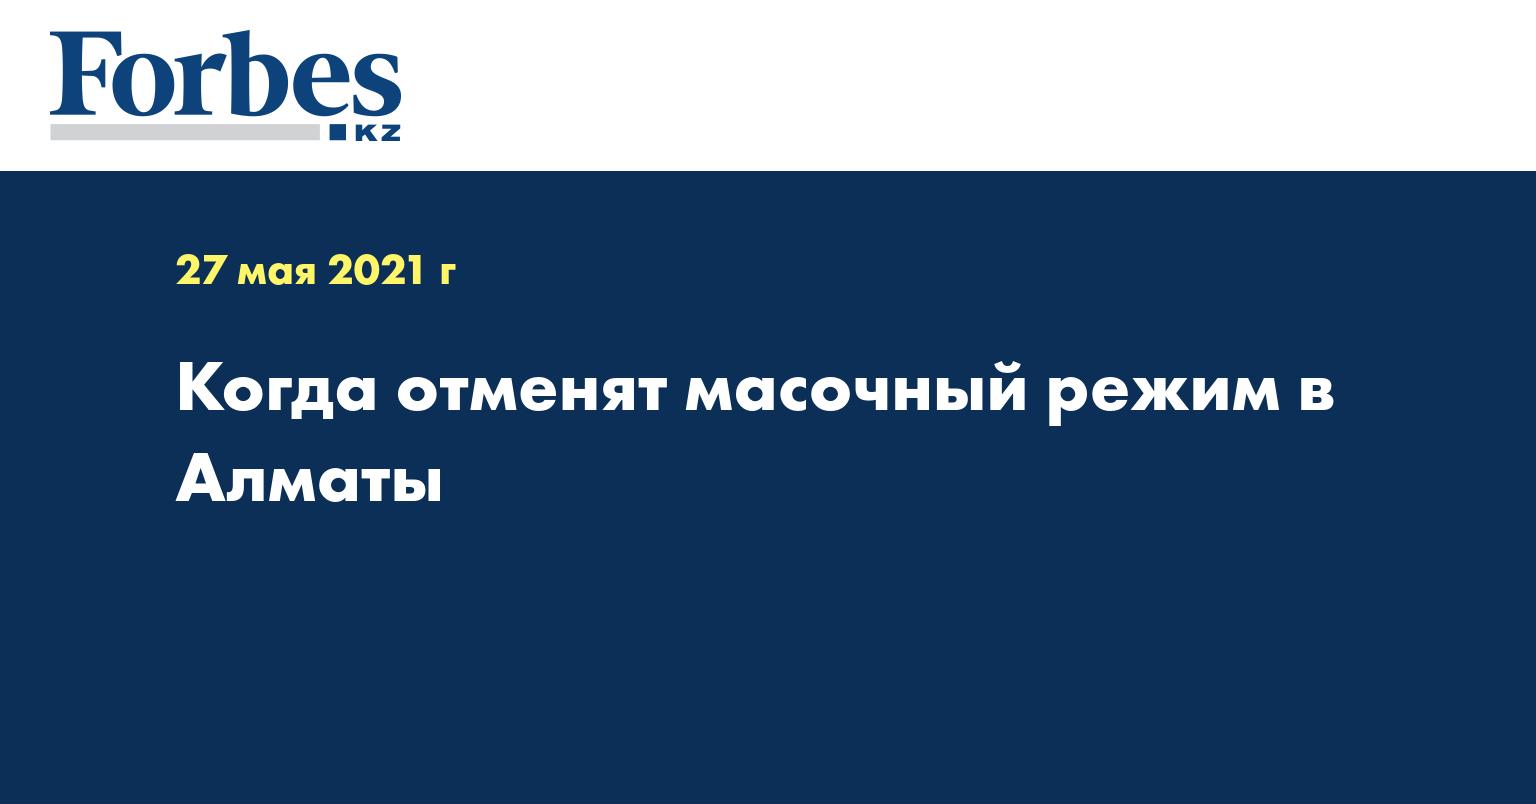 Когда отменят масочный режим в Алматы